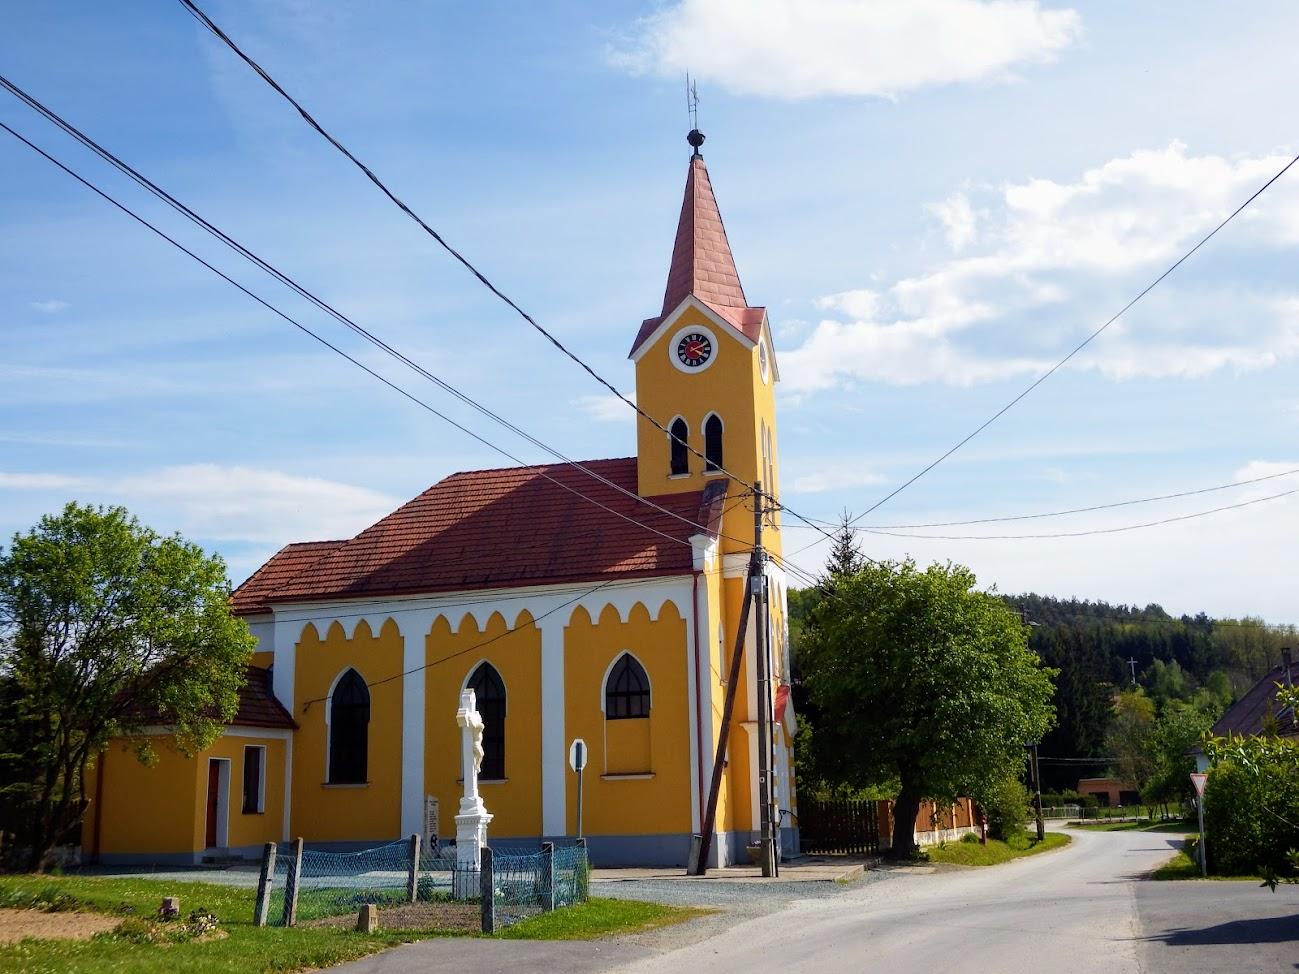 Szakonyfalu - Sarlós Boldogasszony rk. templom